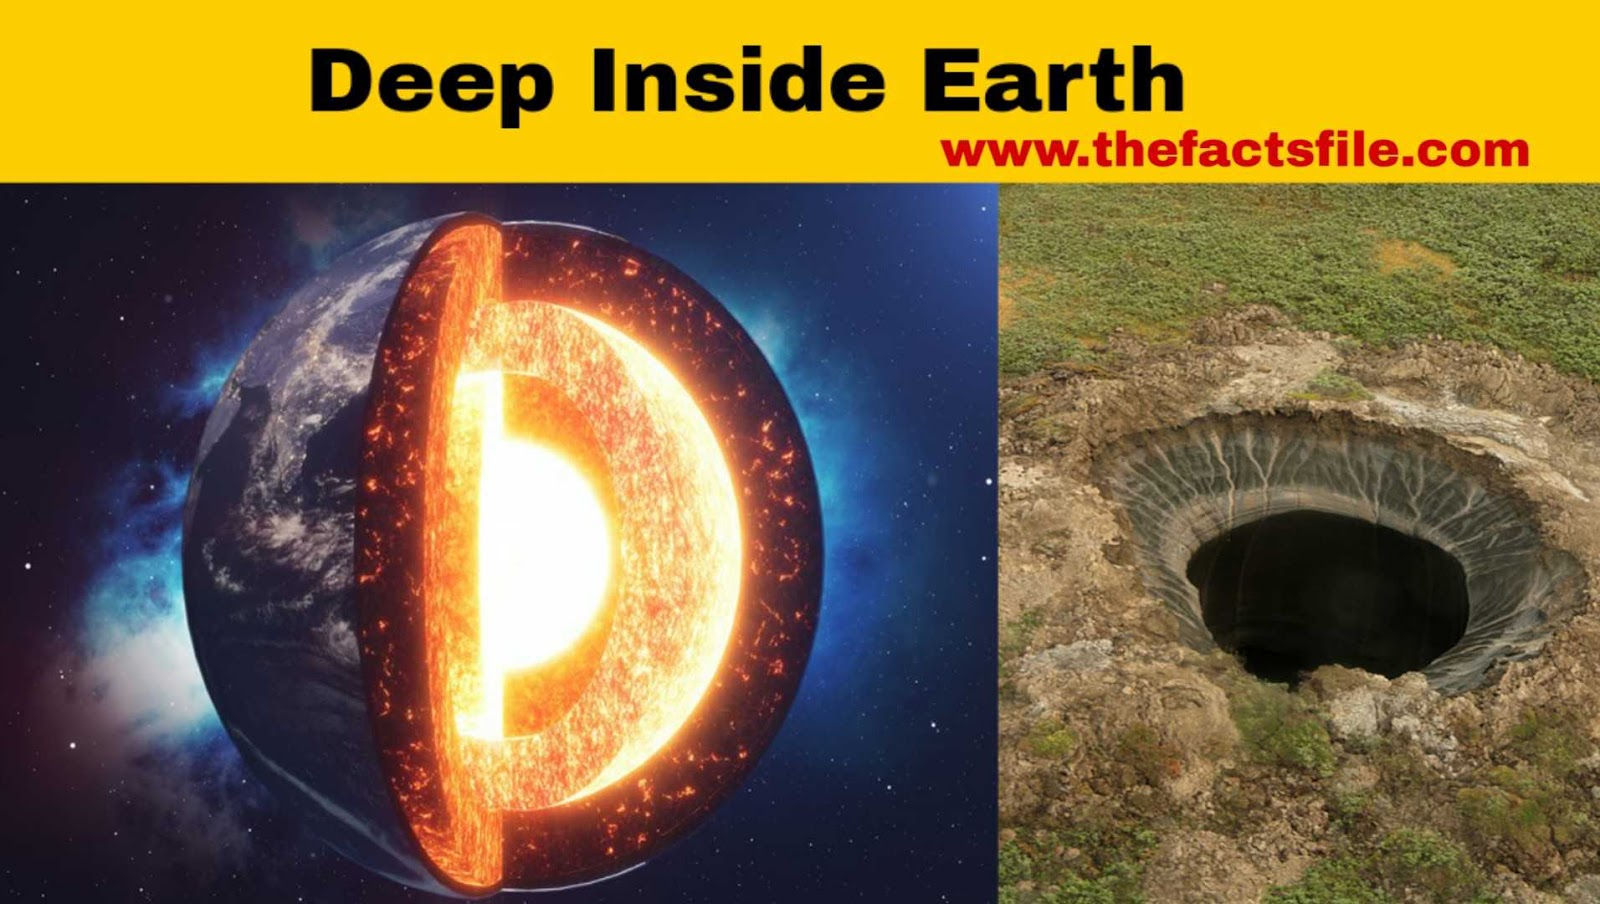 धरती के कितने अन्दर तक छेद किया जा सकता है?   Pruthvi ke kitne andar tak chhed kar sakte hai?